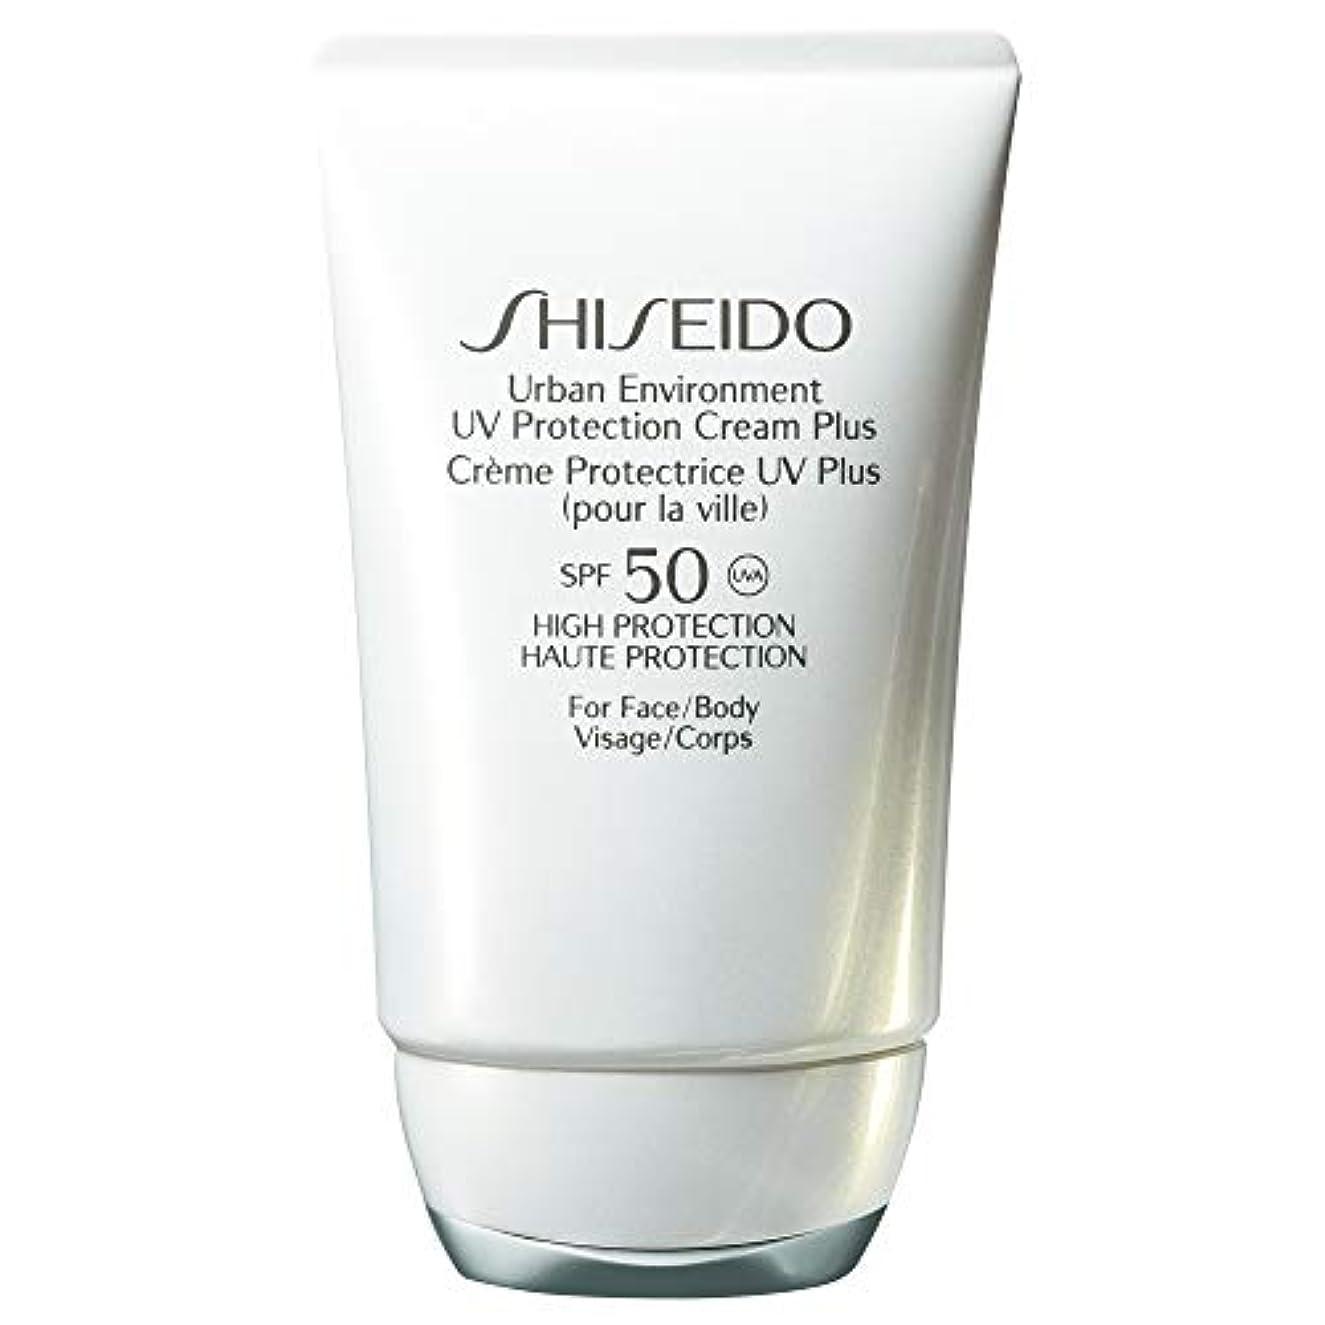 推測トマト東部[Shiseido] 資生堂都市環境UvプロテクションクリームプラスSpf 50 50ミリリットル - Shiseido Urban Environment Uv Protection Cream Plus Spf 50...